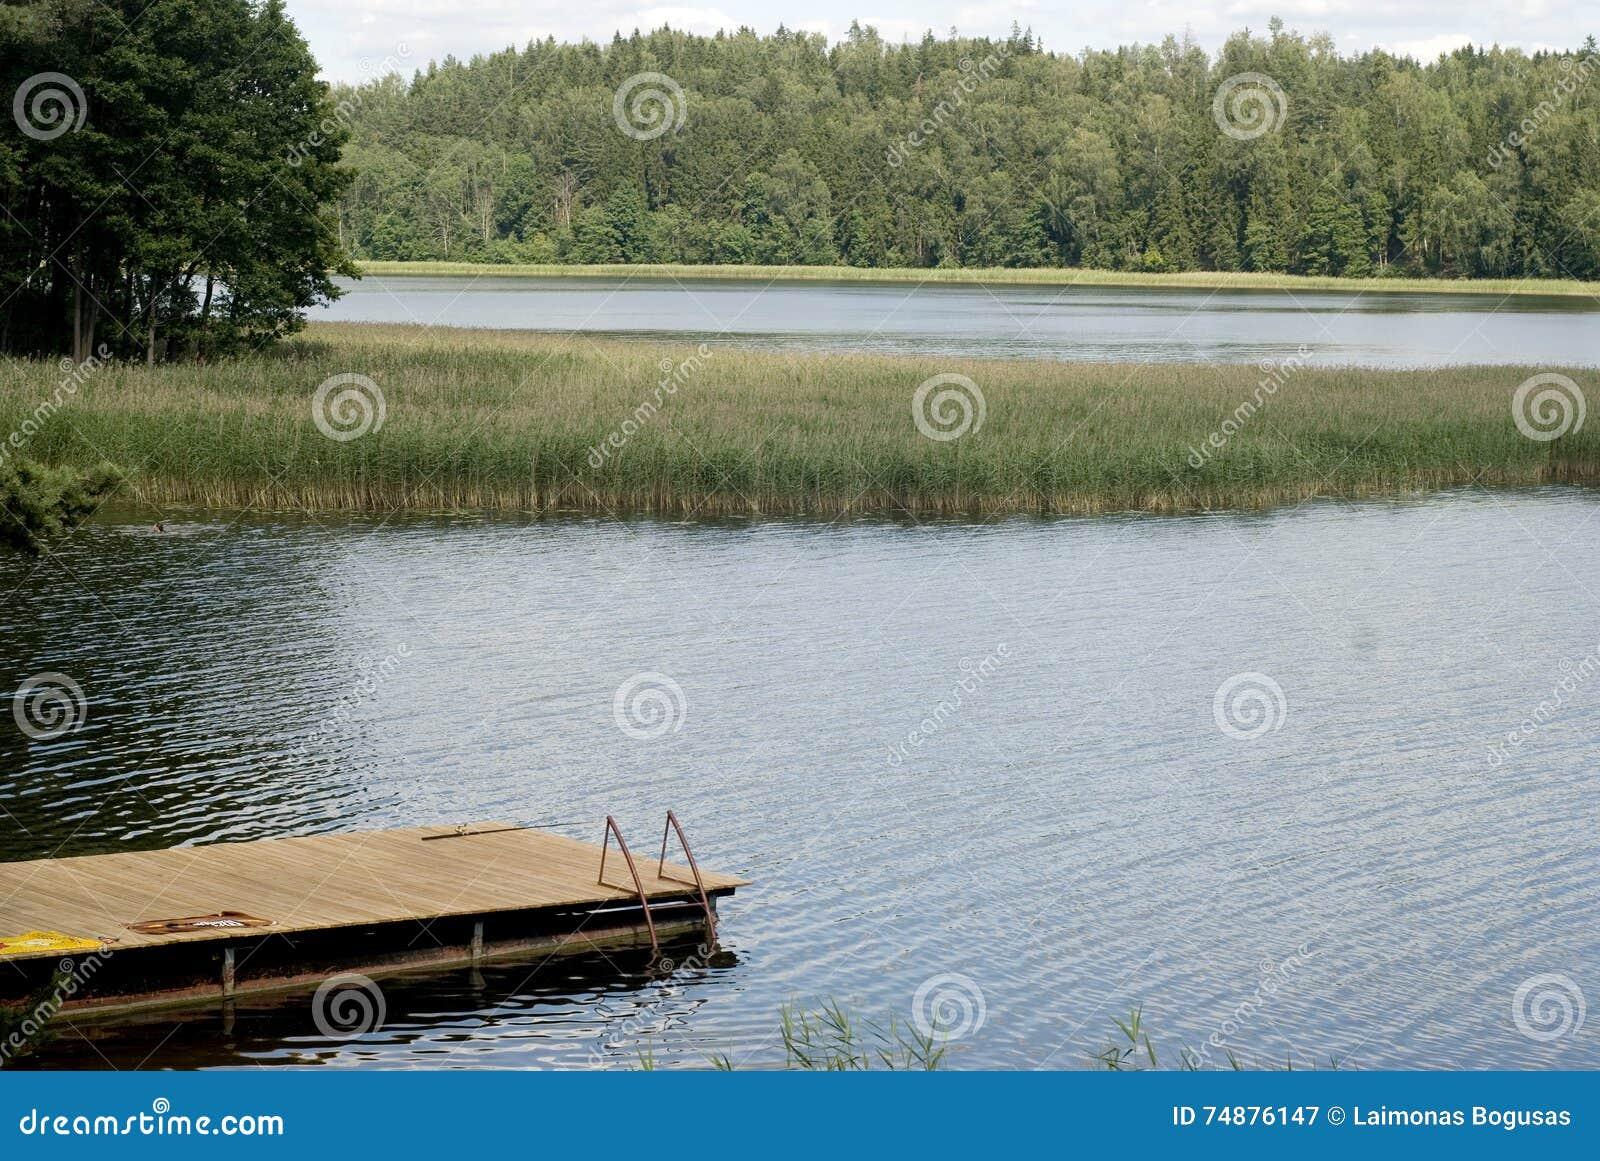 Λίμνη, δάσος, γέφυρα